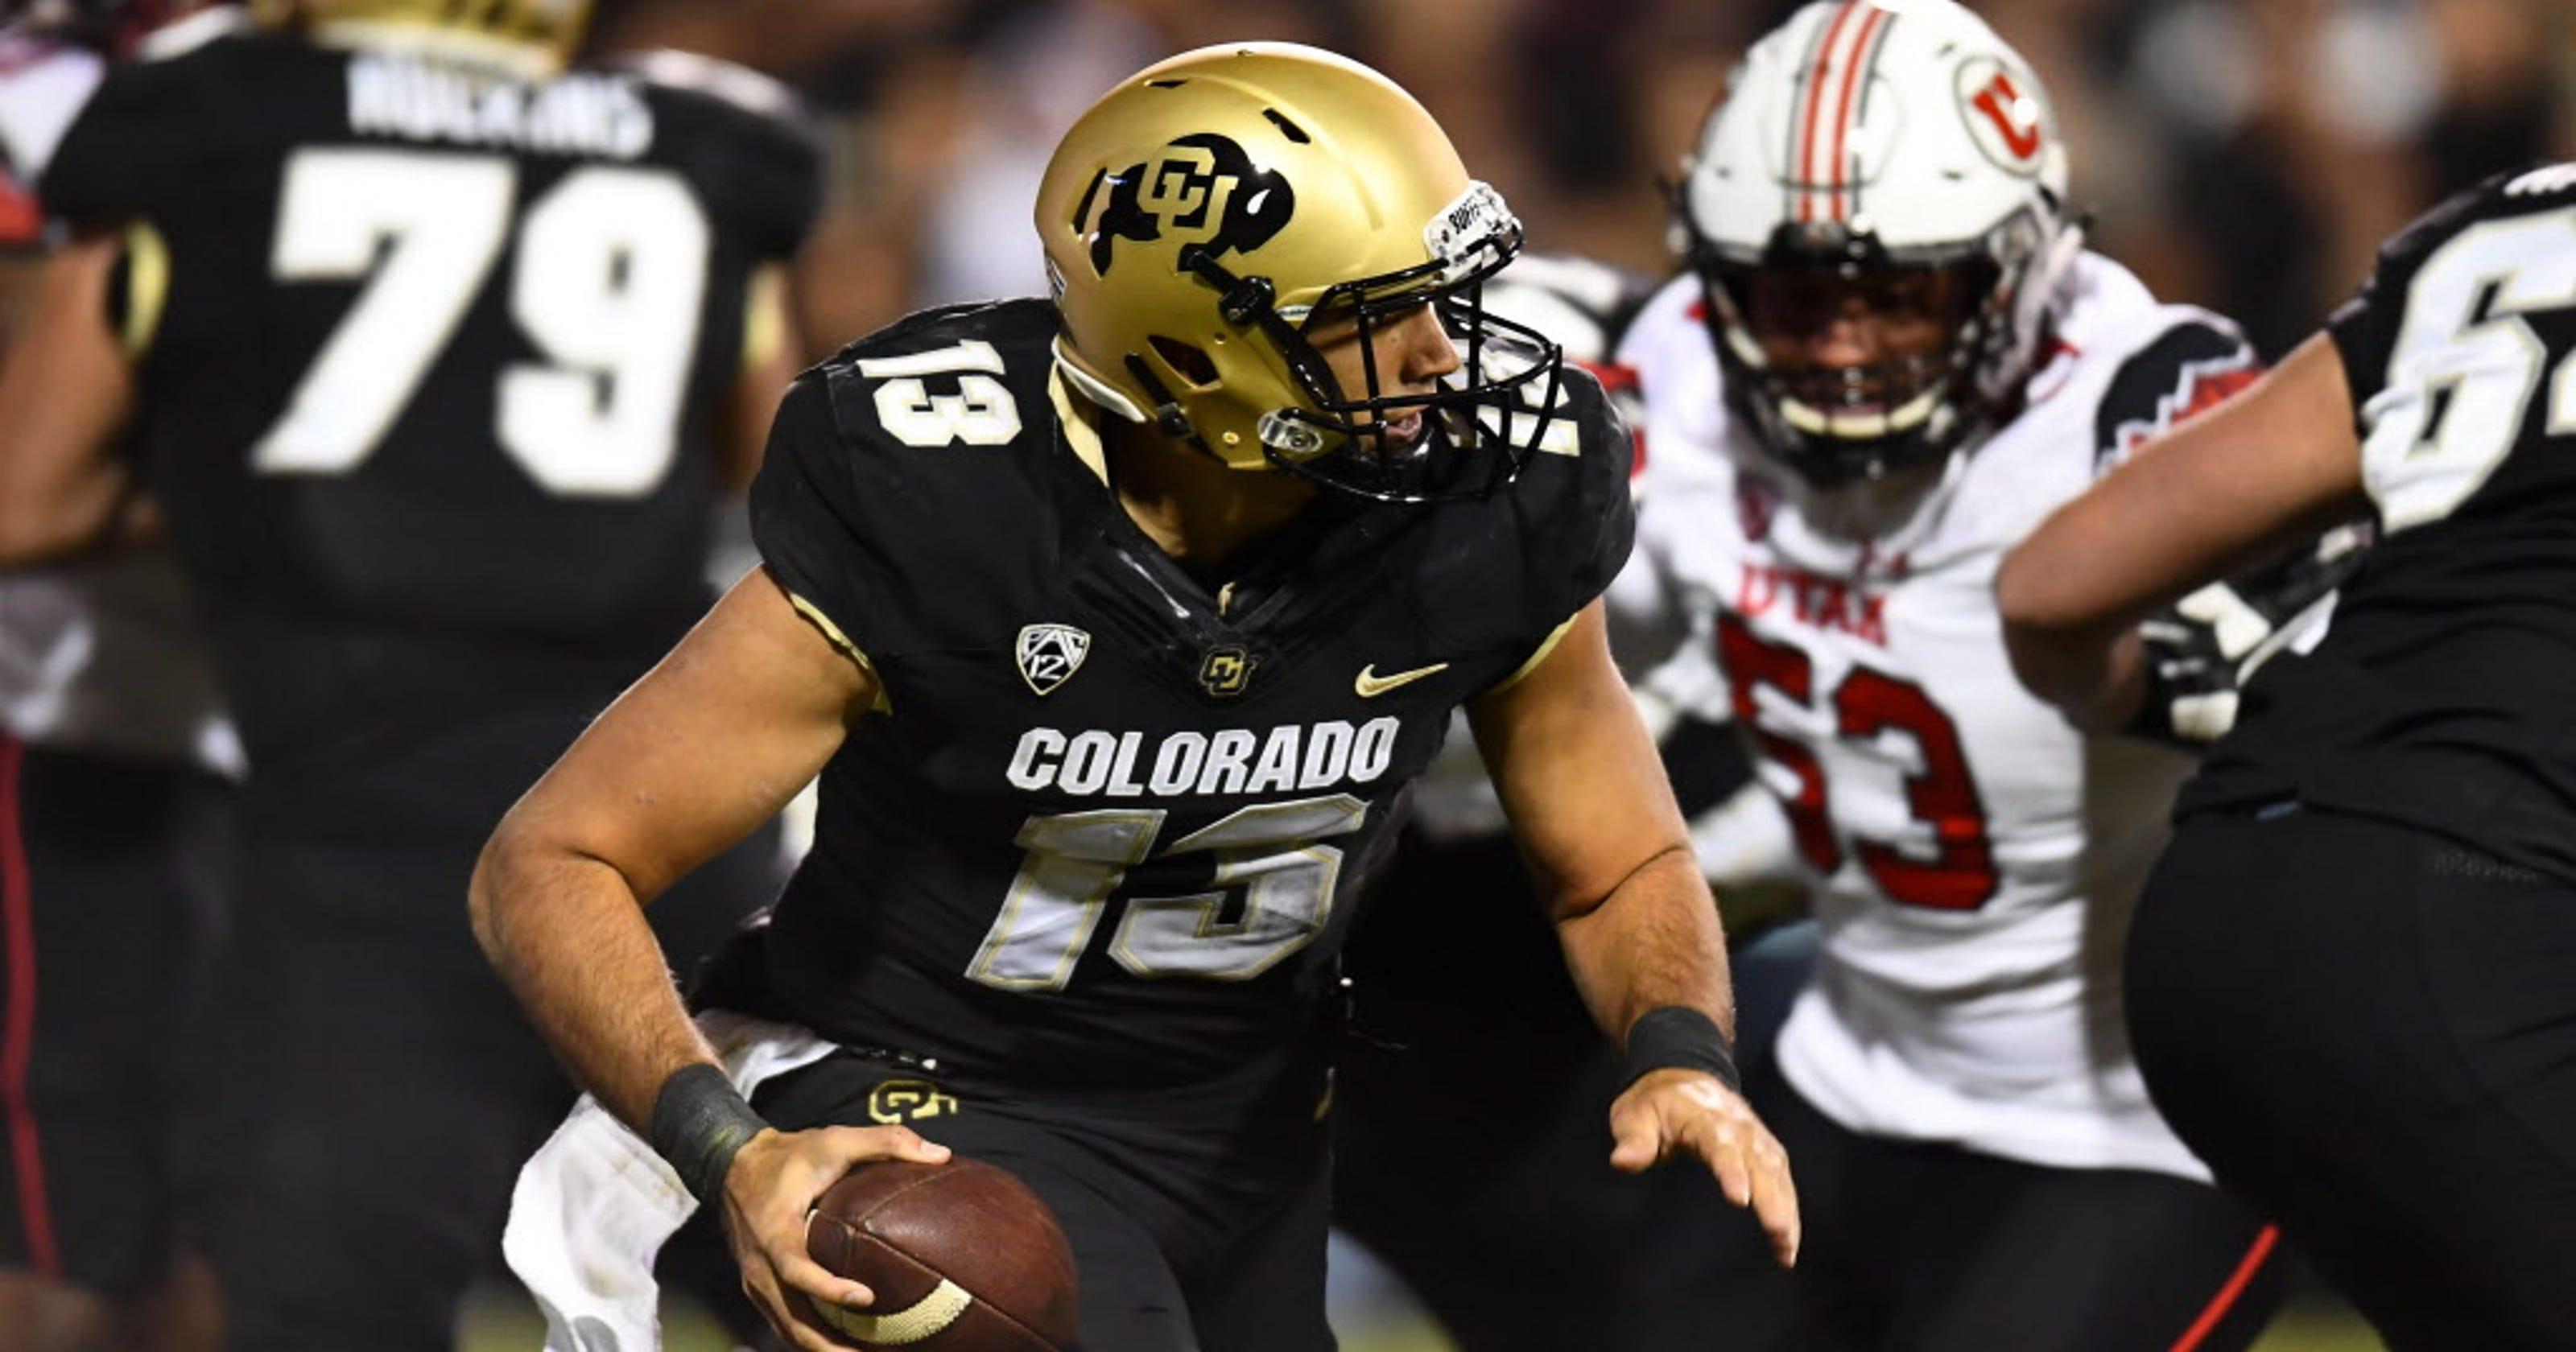 No. 9 Colorado holds off No. 20 Utah to capture Pac-12 South title e44d88a587b0